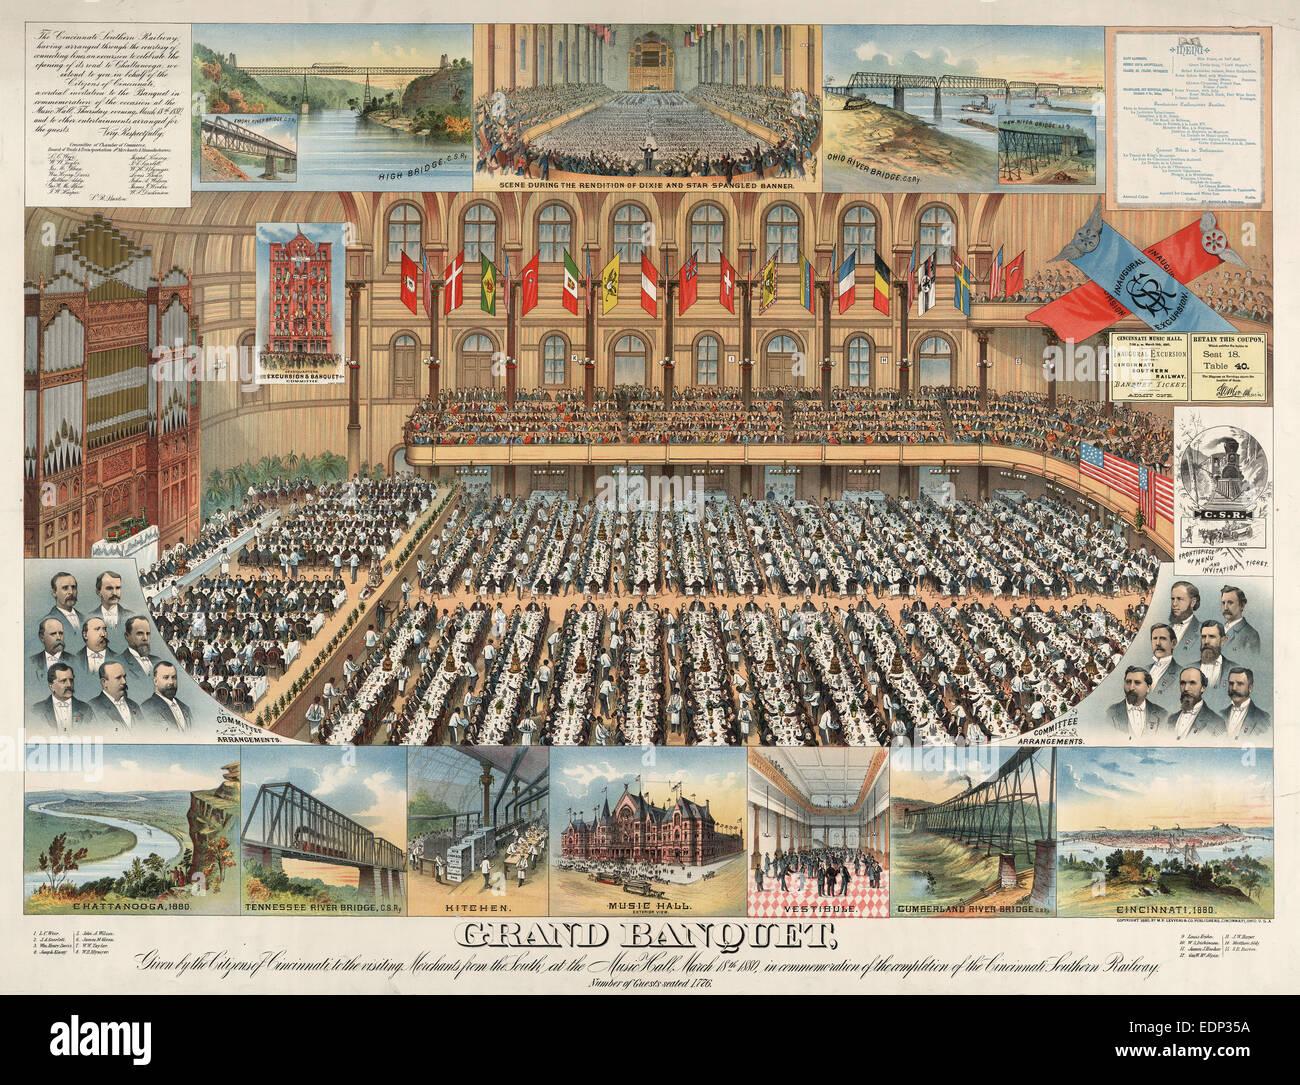 Festbankett, gewidmet von den Bürgern von Cincinnati, die besuchenden Kaufleute aus dem Süden, in der Stockbild